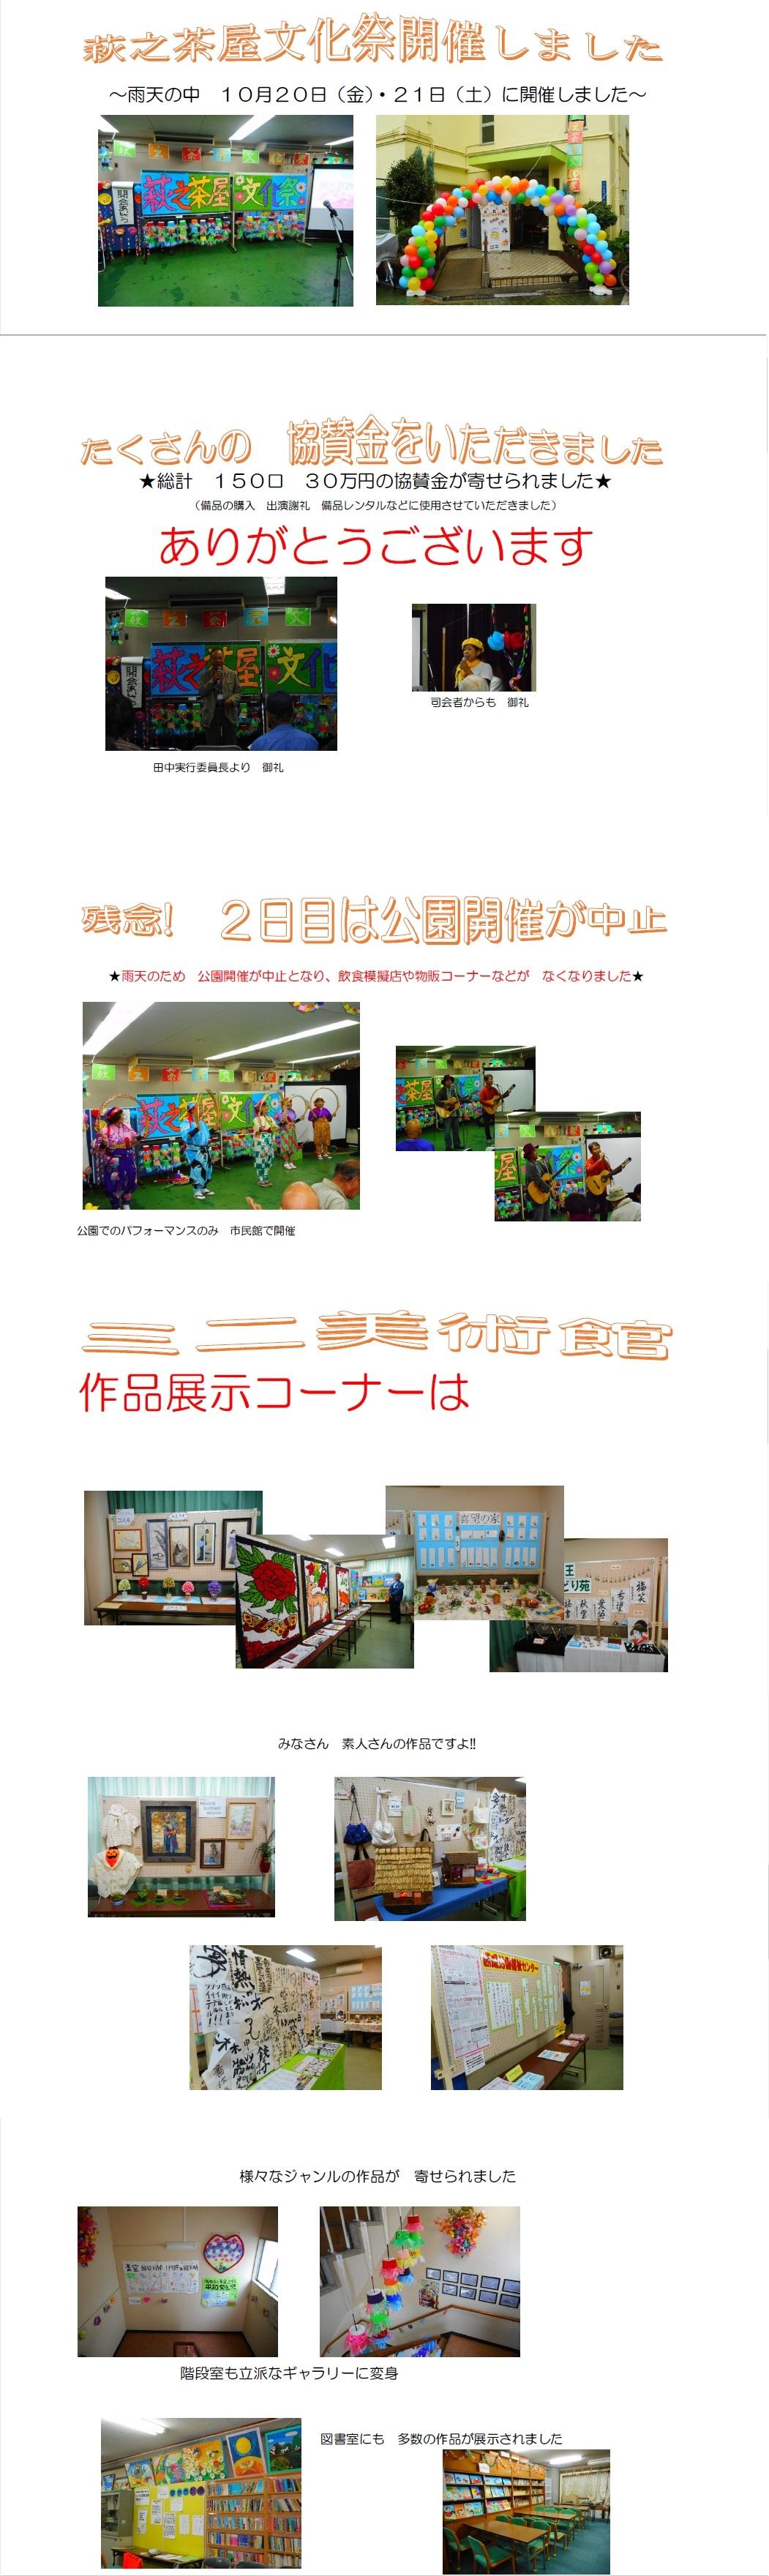 萩之茶屋文化祭